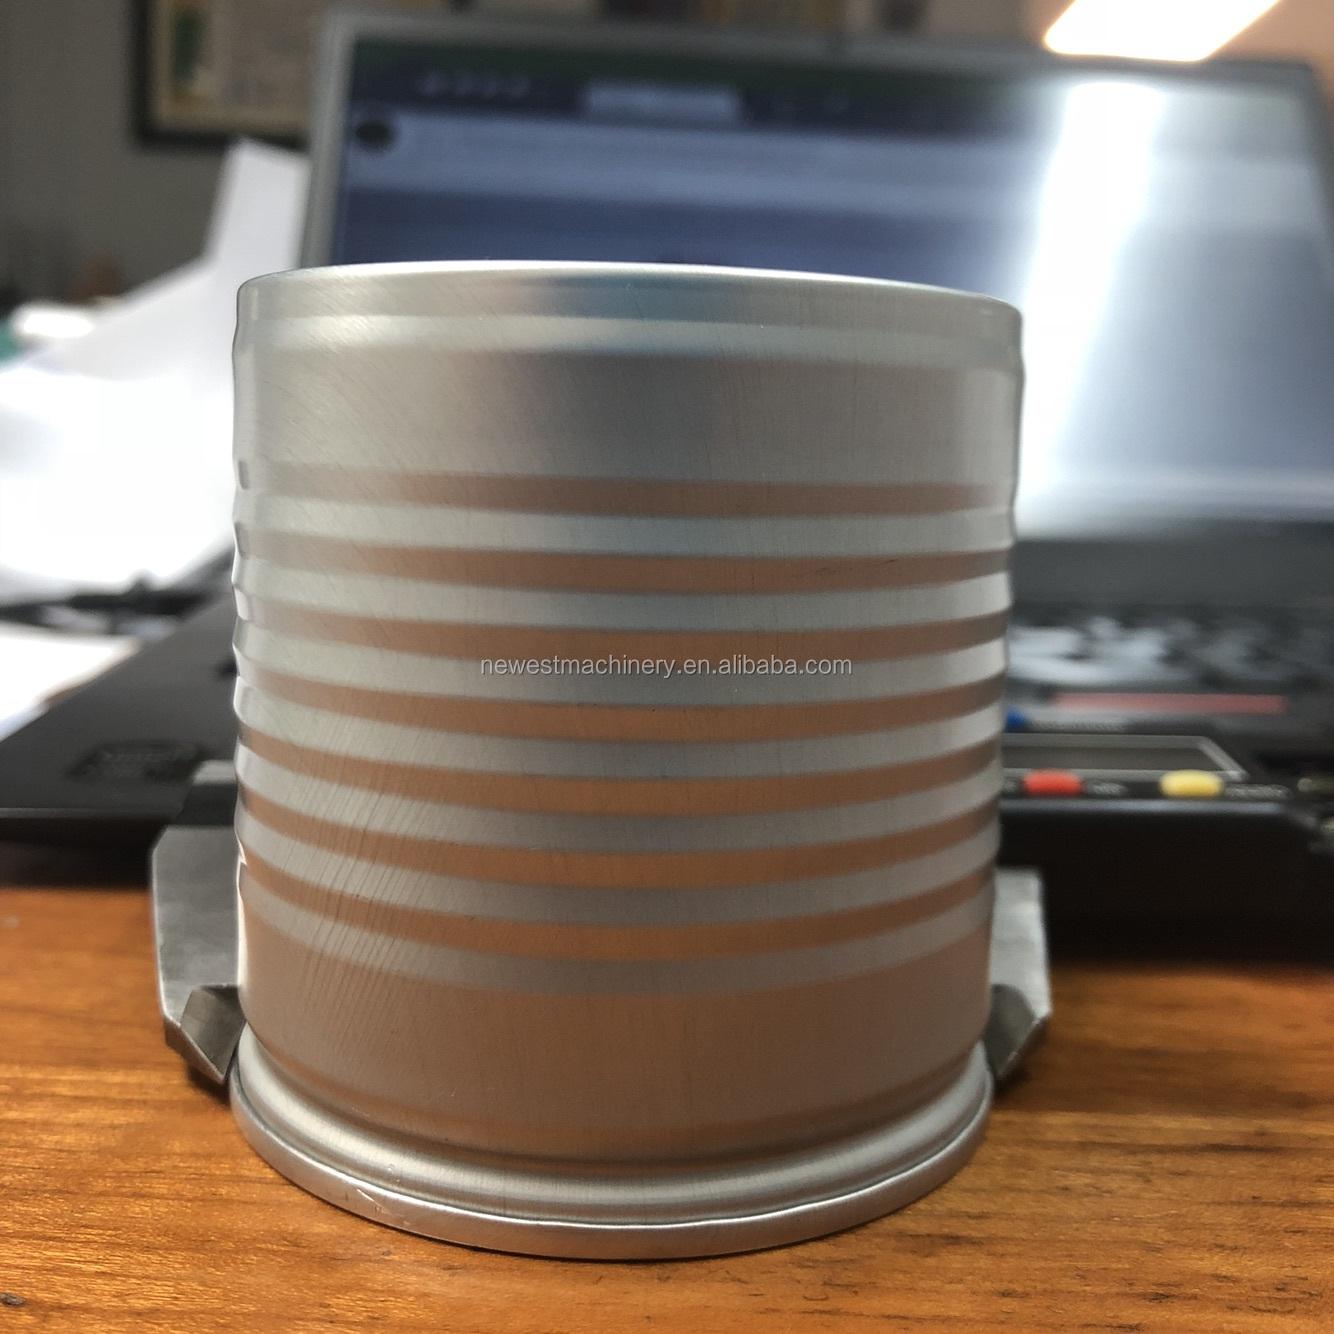 ราคาโรงงานขนาดเล็กรอบอัตโนมัติกระป๋อง/นมกล่องเครื่องปิดผนึก/เครื่องปิดผนึกถ้วยพลาสติก